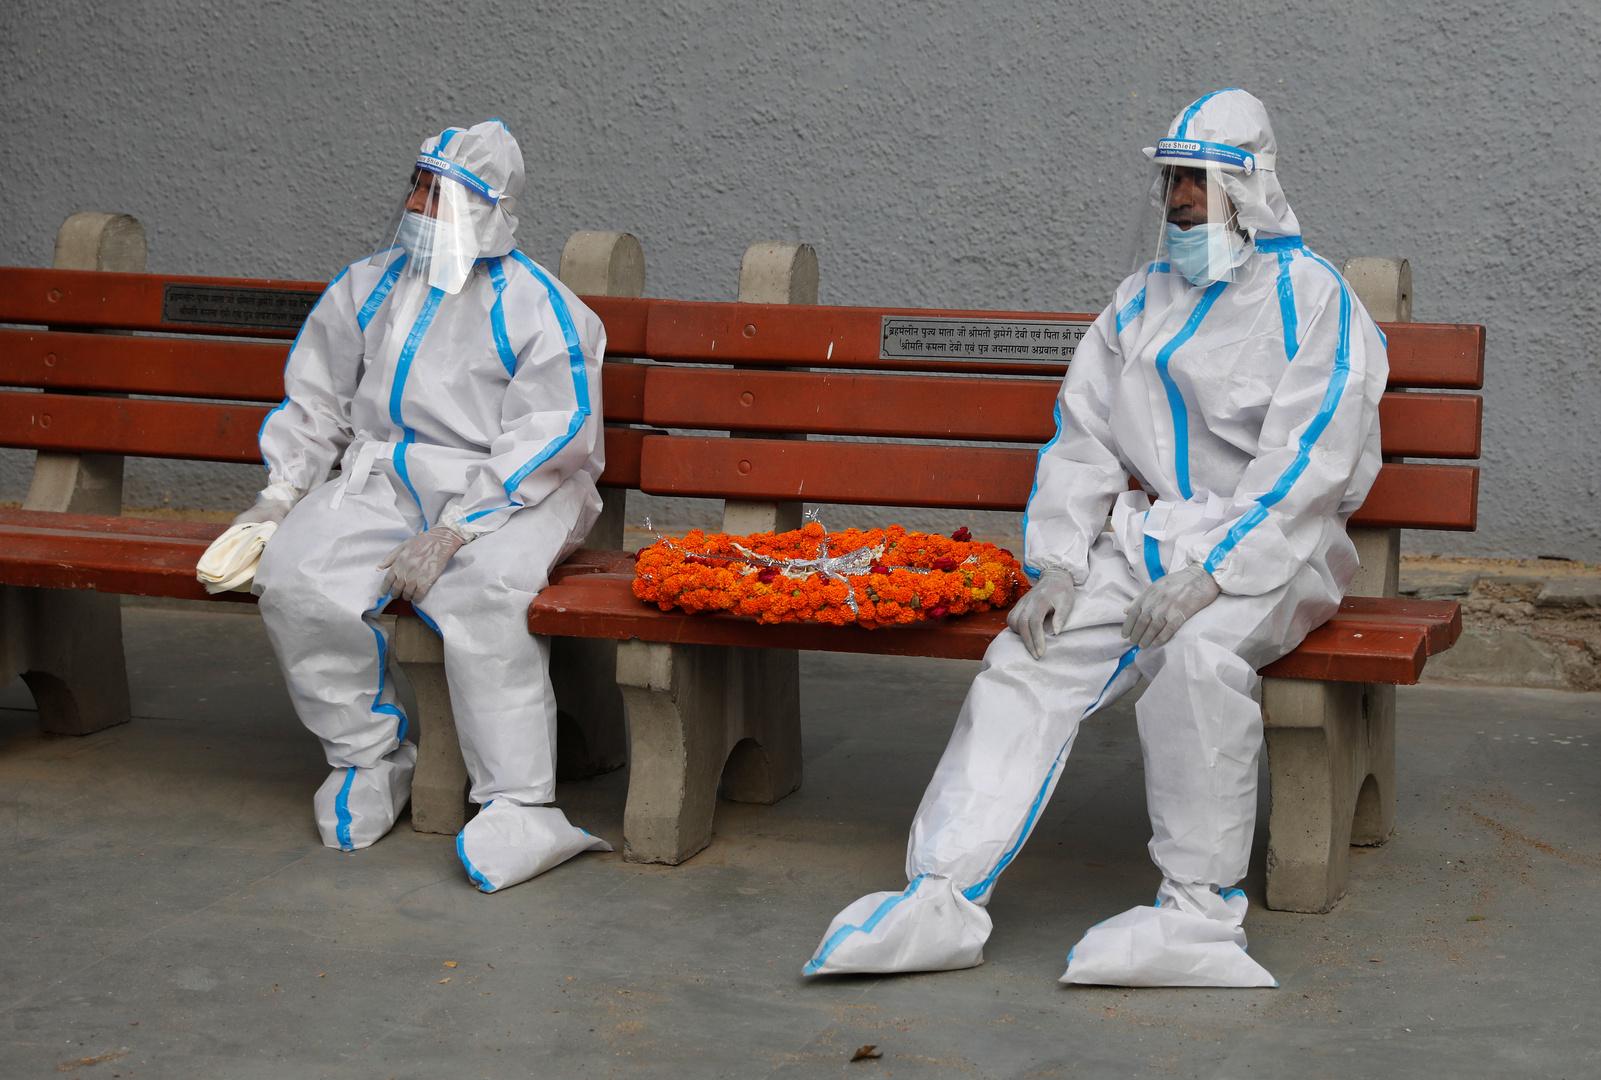 كورونا يحصد أرواح 731 ألفا حول العالم وعدد المصابين يقترب من 20 مليونا